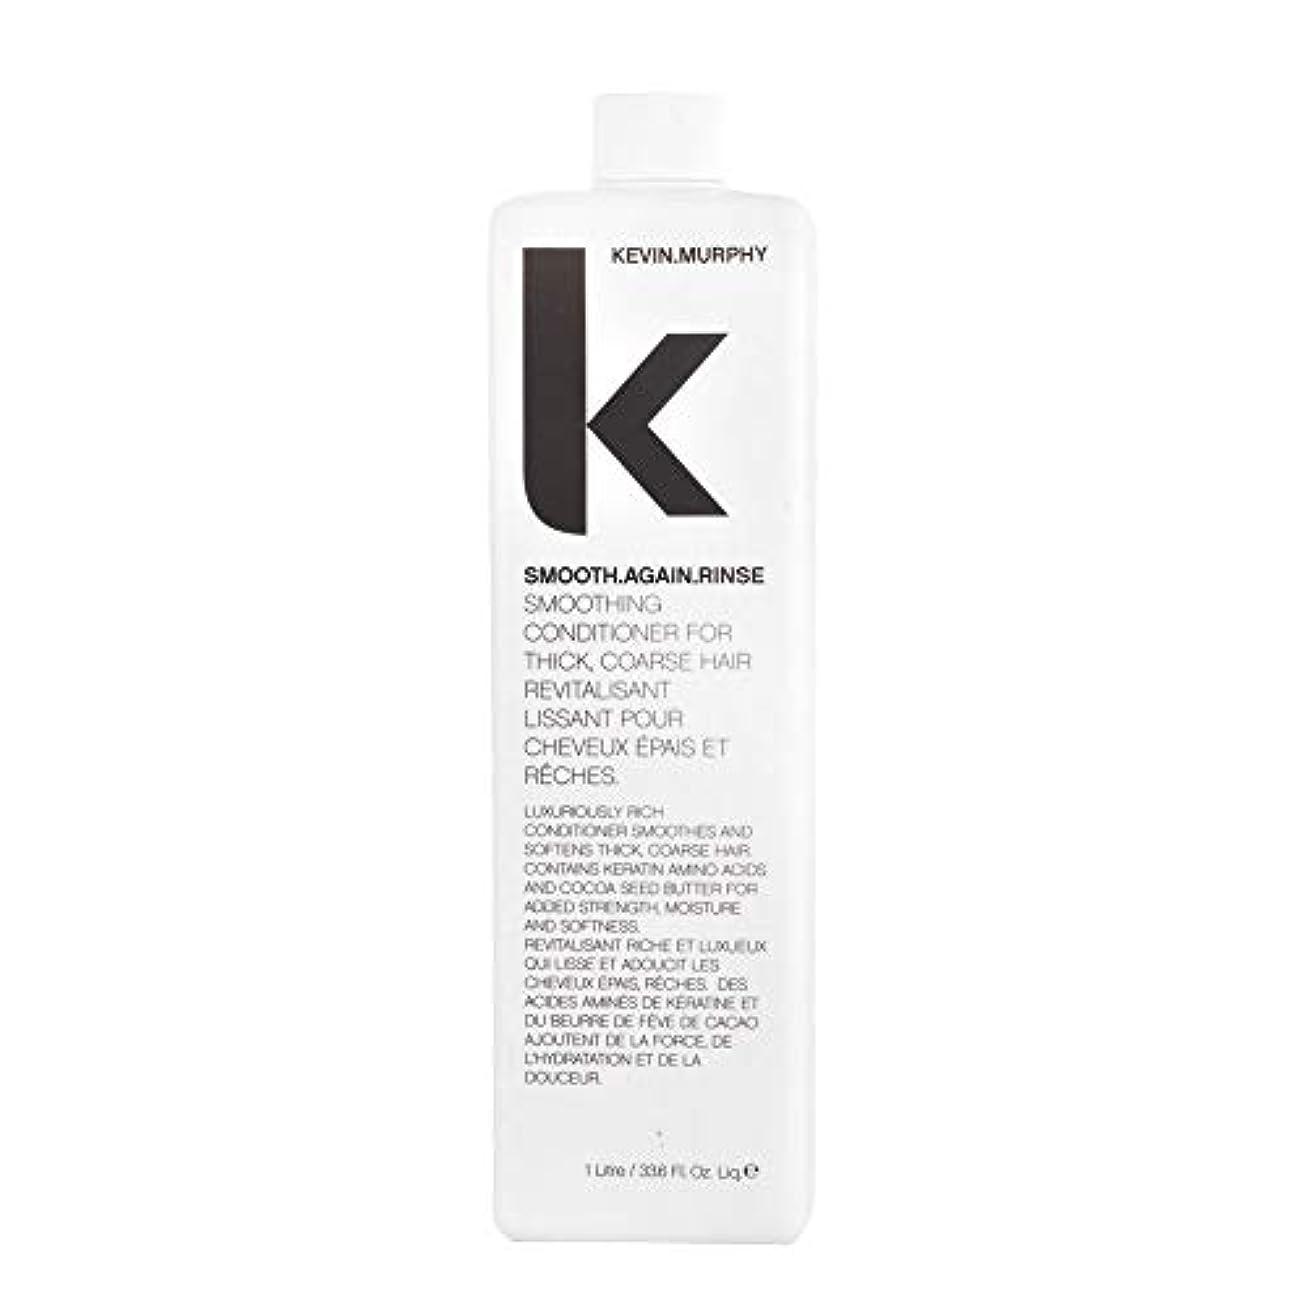 火星意味のある者ケヴィン マーフィー Smooth.Again.Rinse (Smoothing Conditioner - For Thick, Coarse Hair) 1000ml/33.8oz並行輸入品